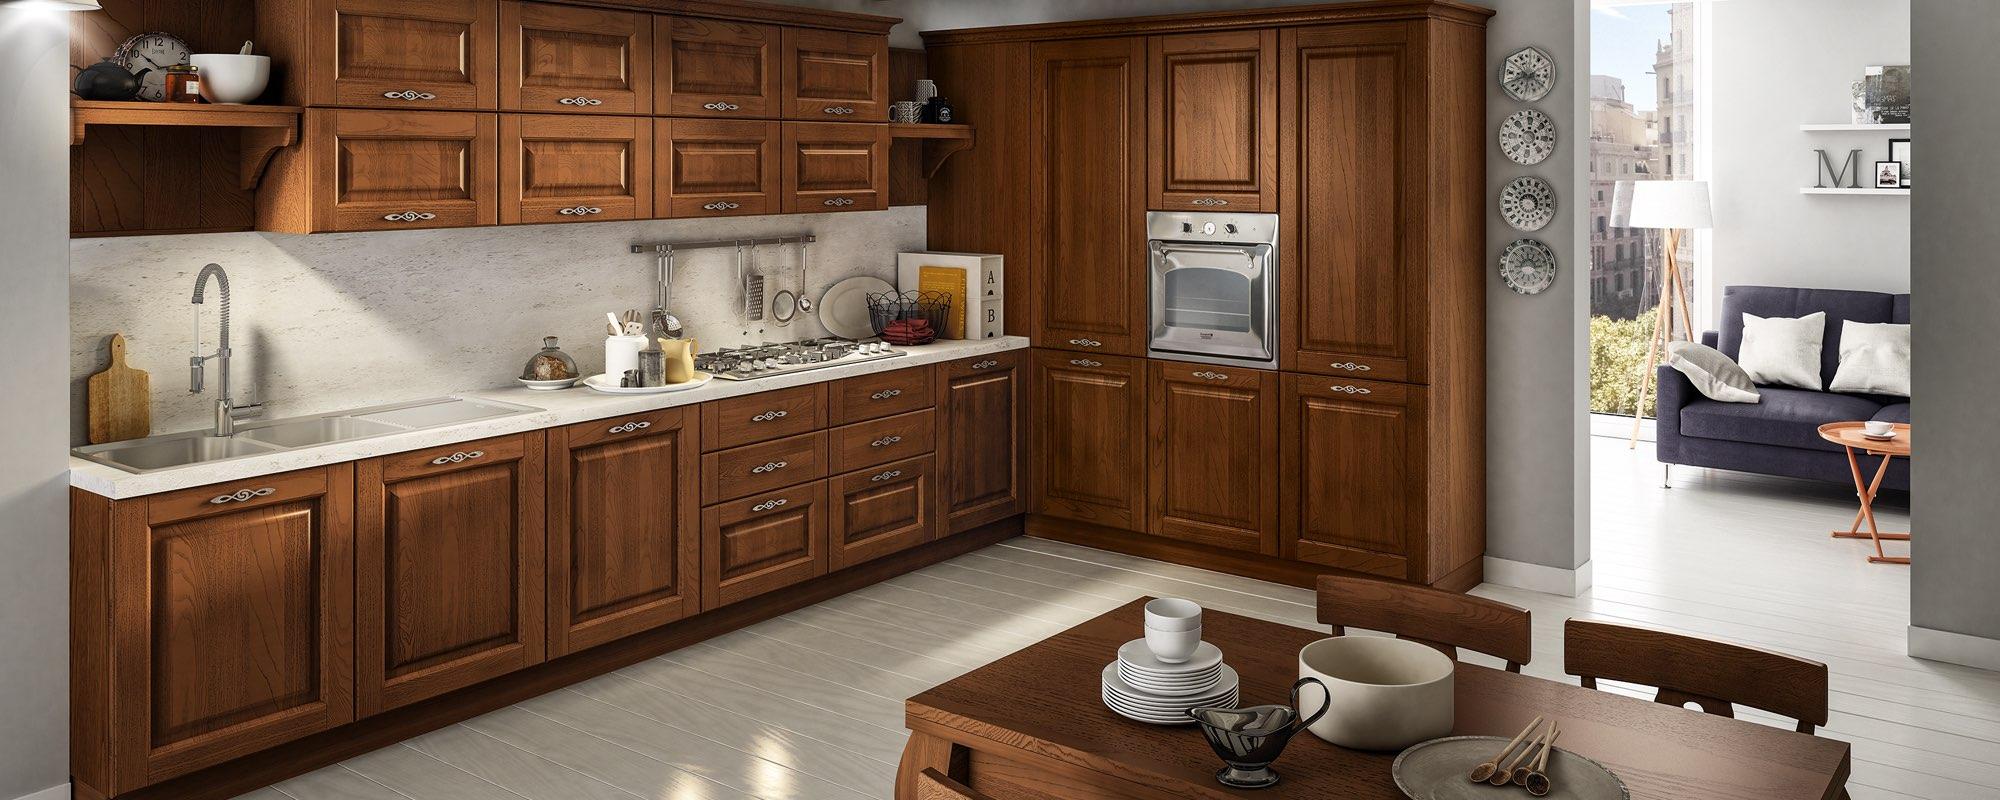 stosa-cucine-classiche-saturnia-cagliari-11 | Cucine ...